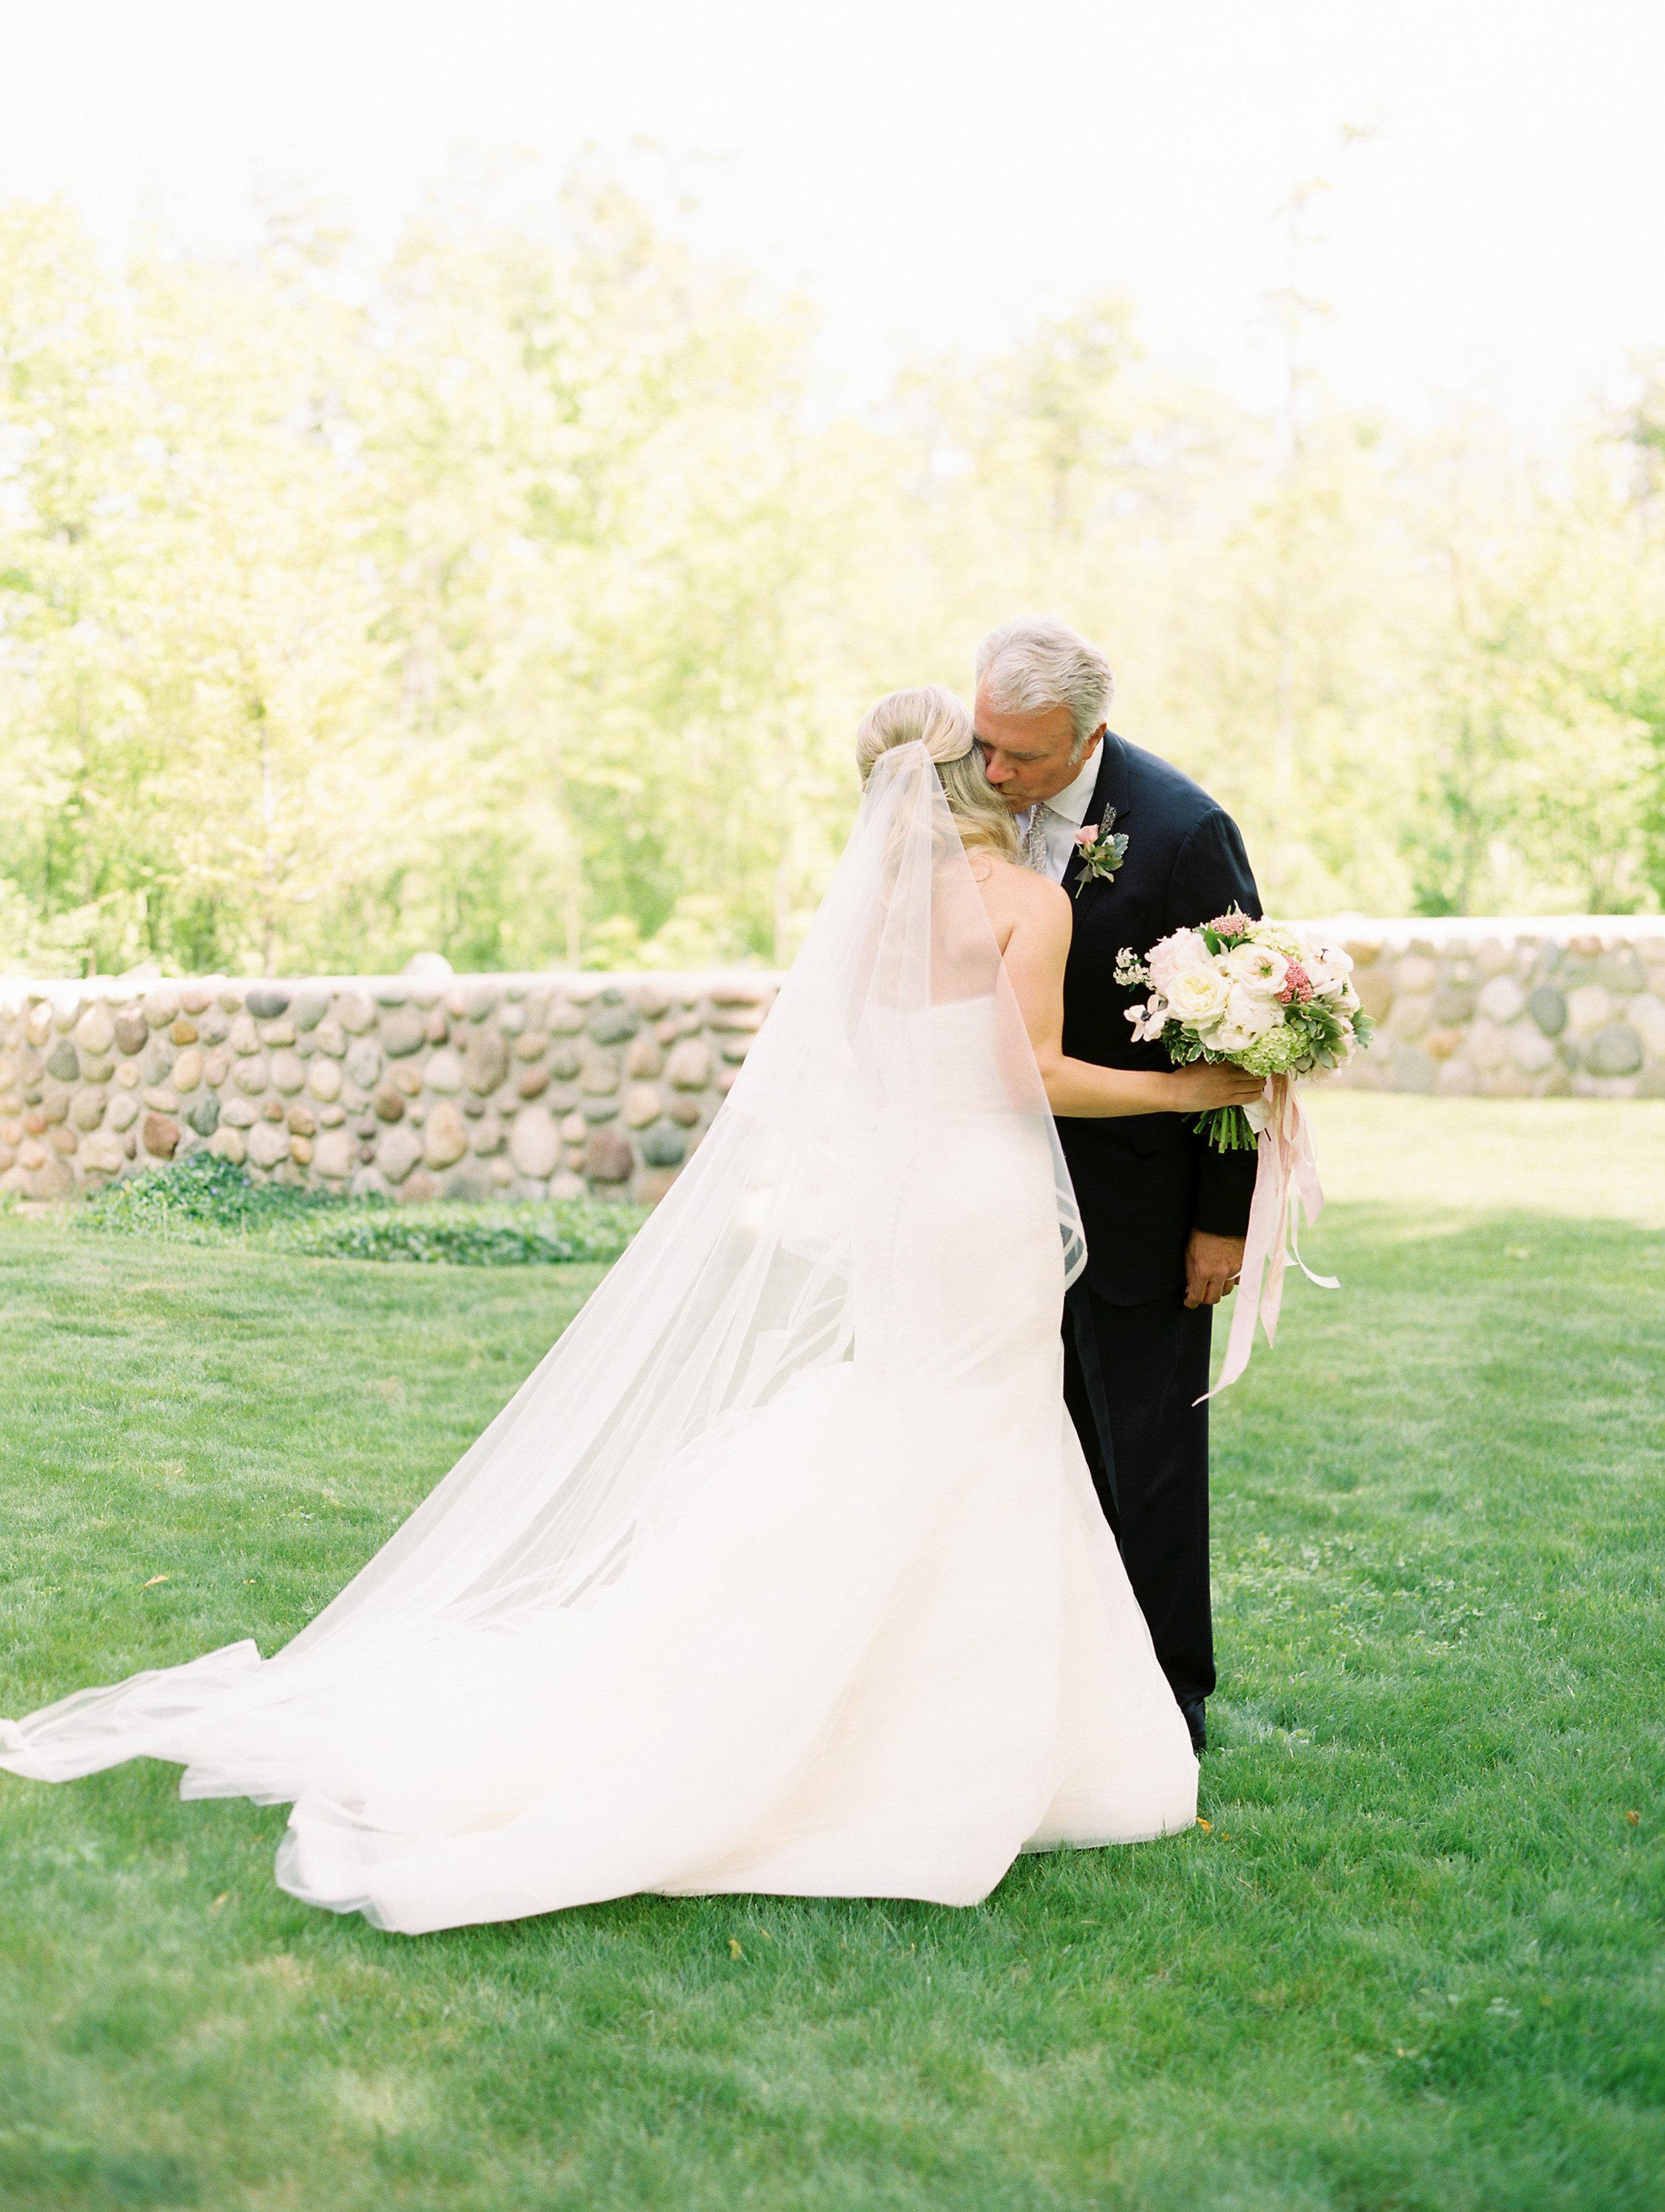 Coffman+Wedding+First+LookDad-8.jpg